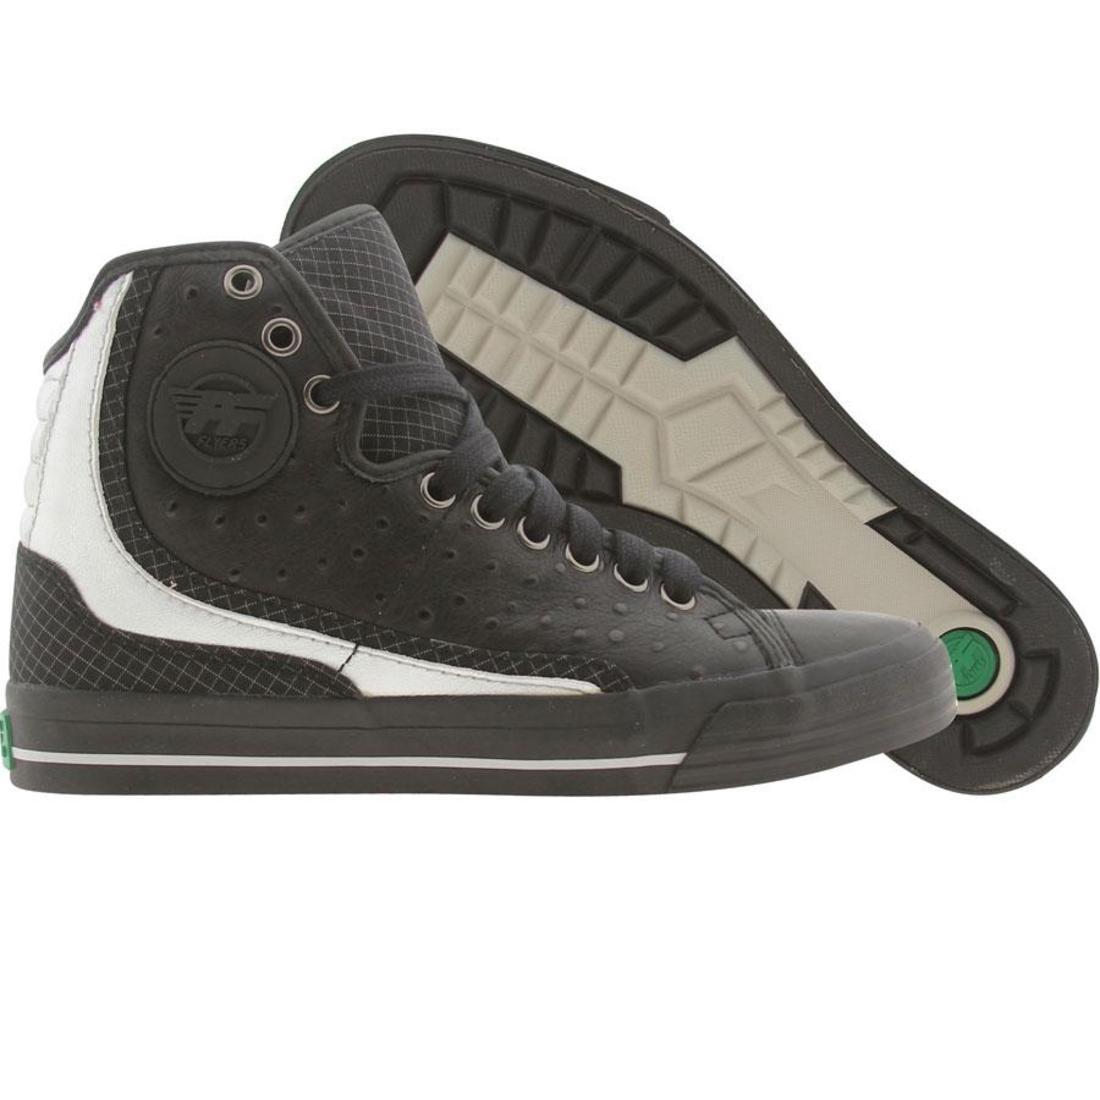 【海外限定】グライド 黒 ブラック 靴 スニーカー 【 BLACK PF FLYERS GLIDE OSTRICH SILVER 】